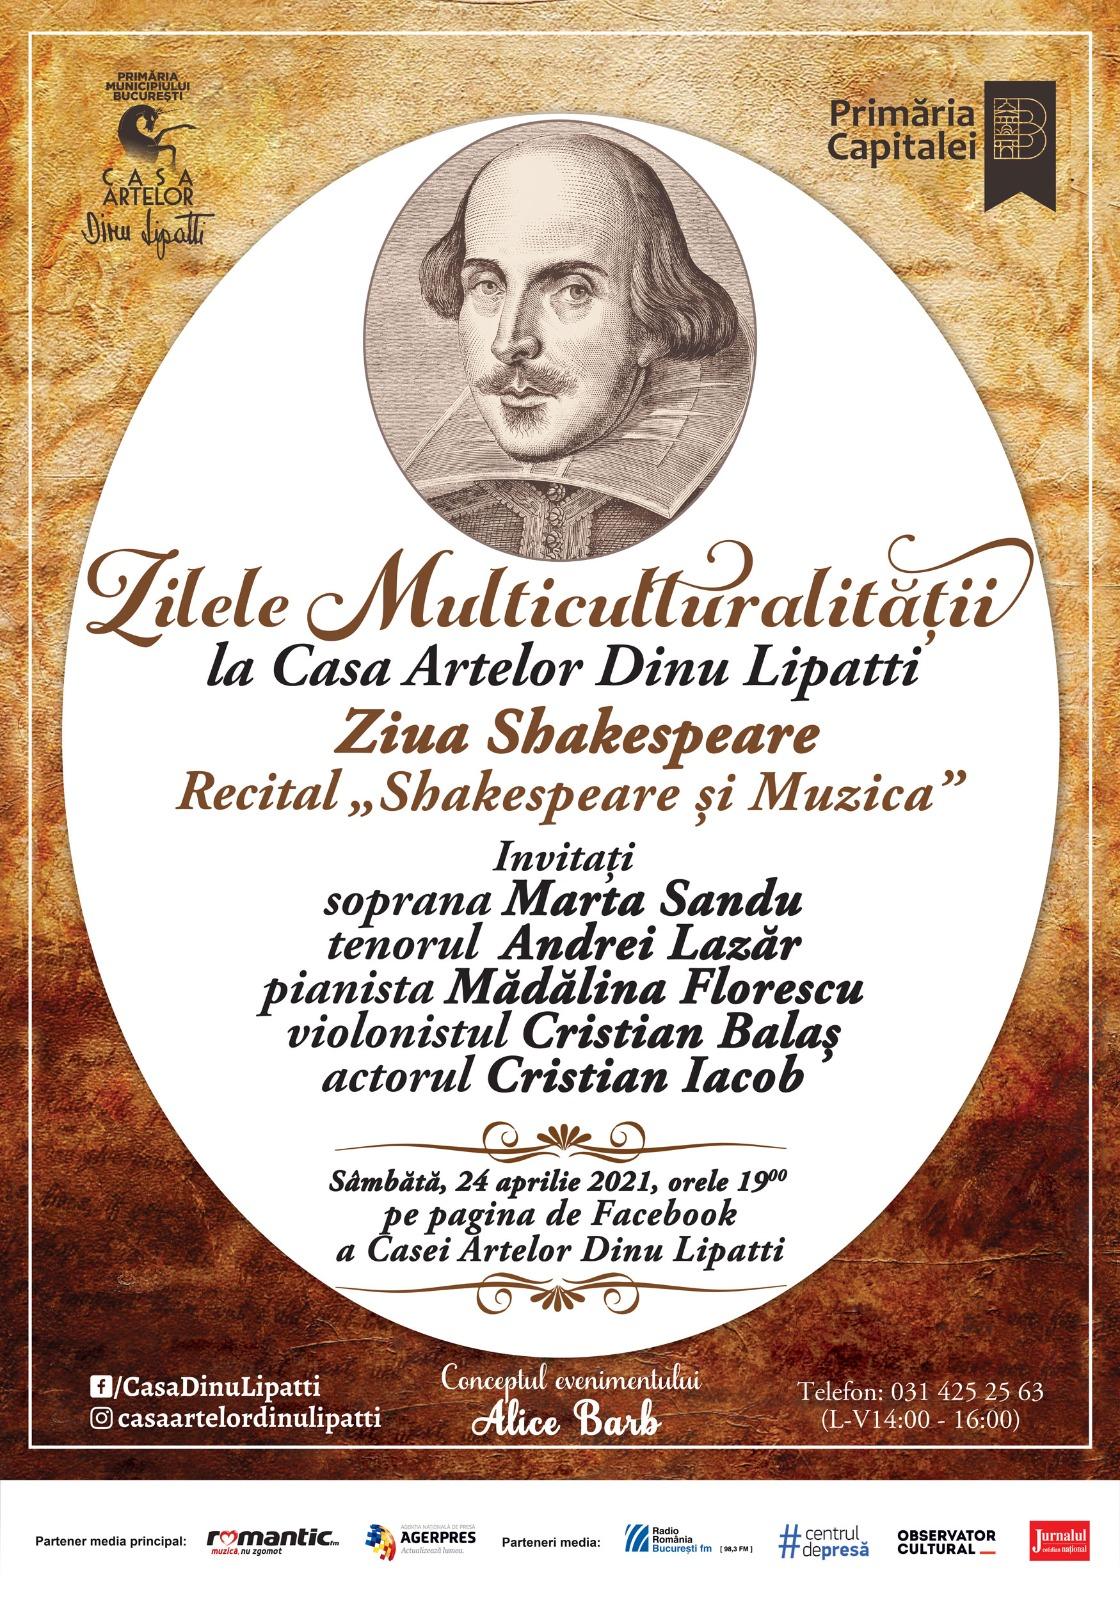 """Programul Zilele Multiculturalității la Casa Artelor Dinu Lipatti Ziua Shakespeare - Recital """"Shakespeare și Muzica"""" Online, pe pagina de Facebook"""